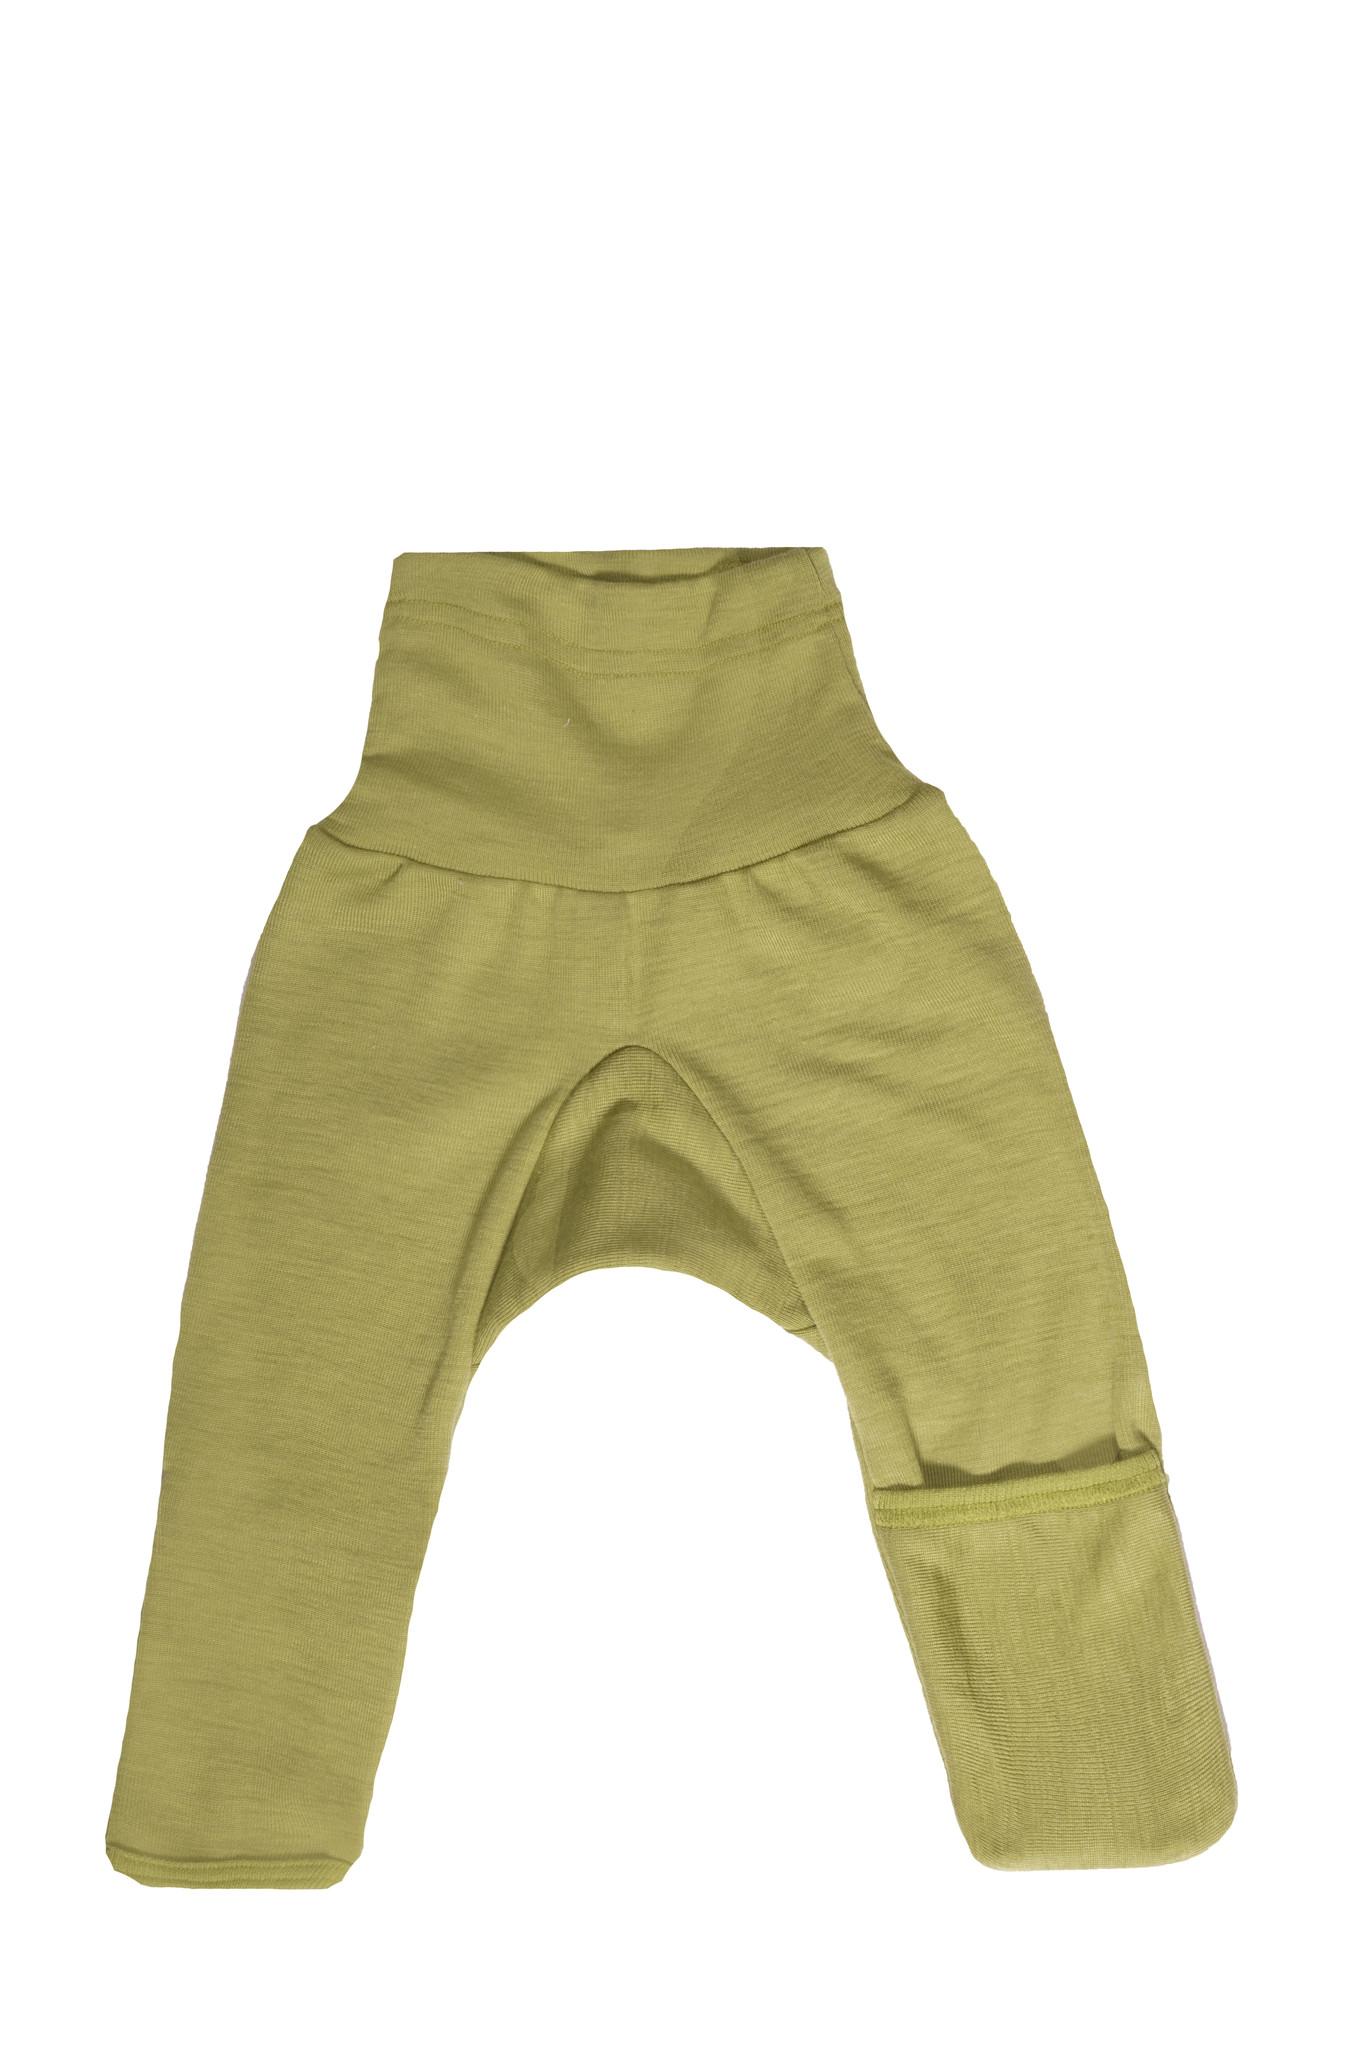 Cosilana Cosilana babylegging Wol/Zijde,  met omslag voor de voetjes - Marine (08)